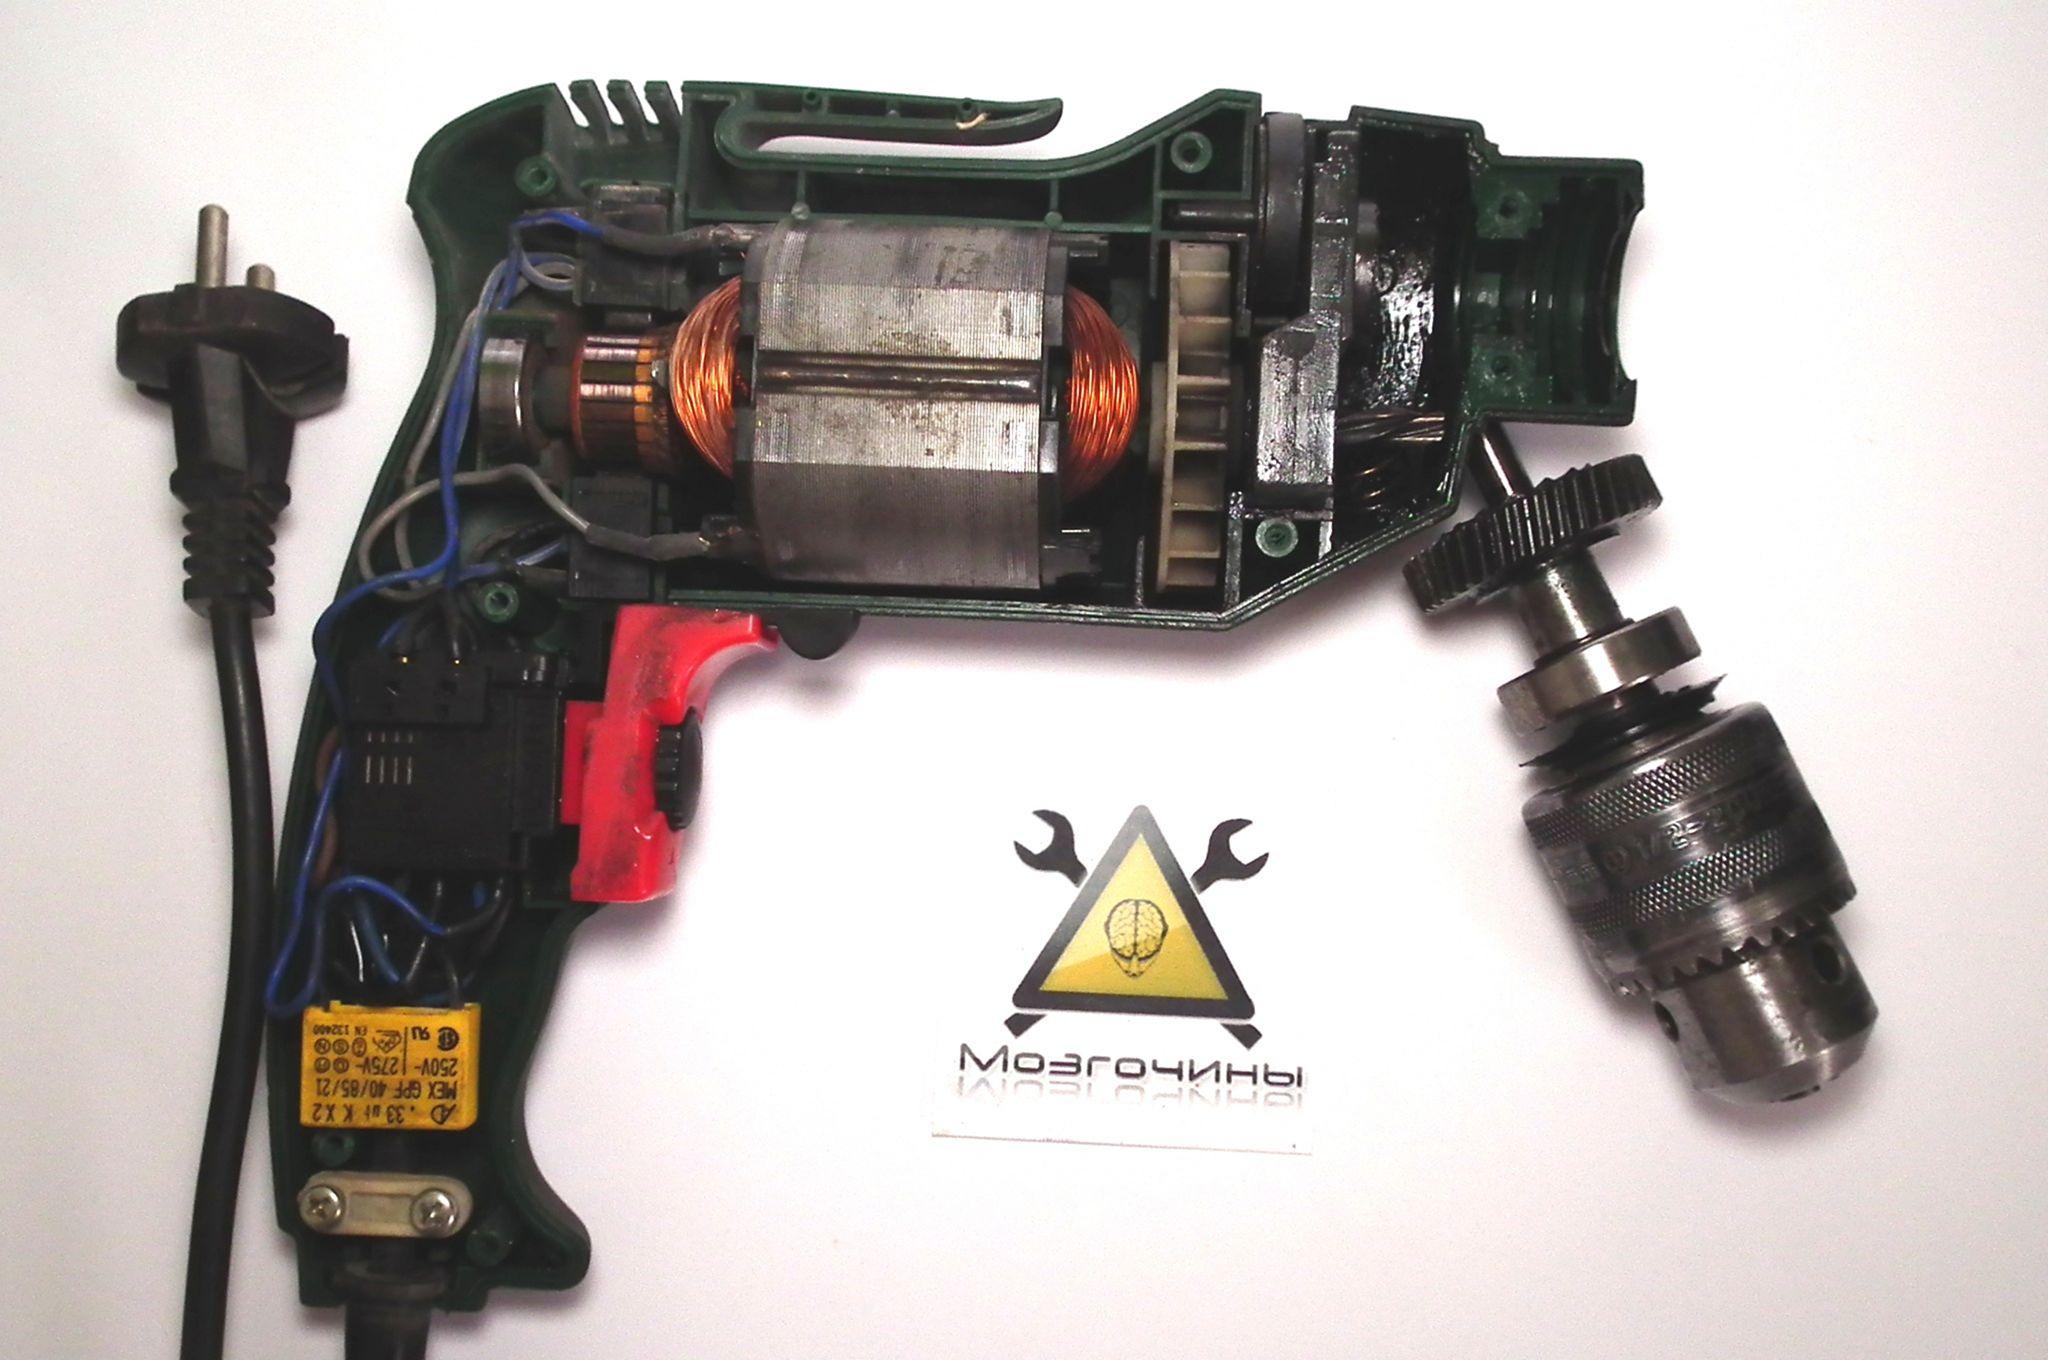 схема включения клекторной дрели среверсом